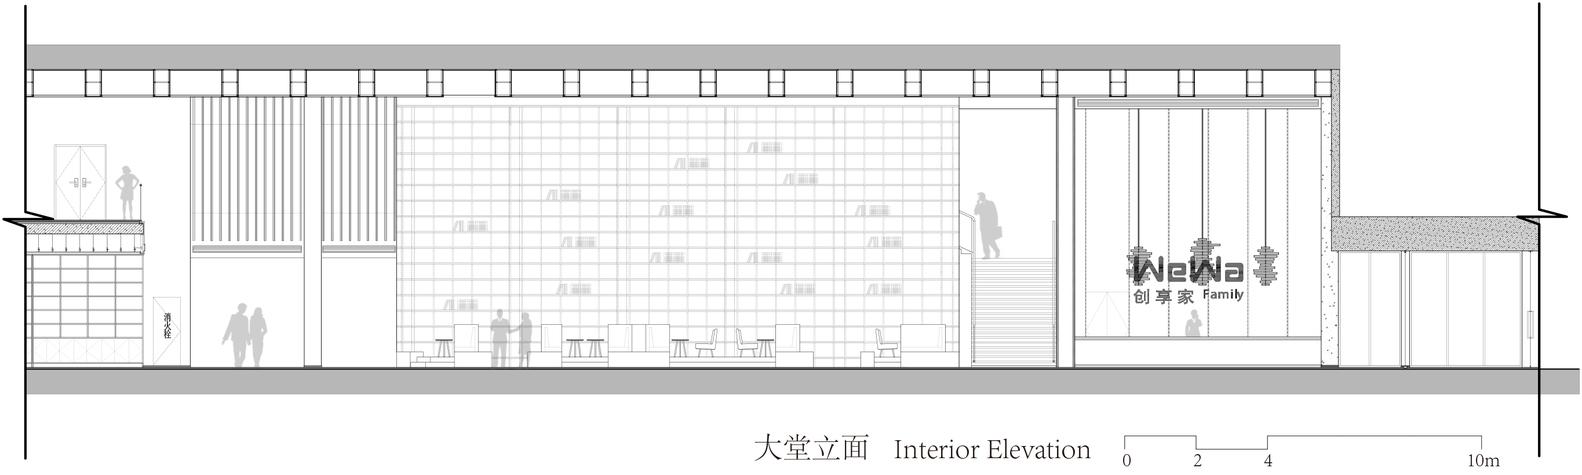 佳兆业创享空间上海交通路改造项目 / 锋思国际